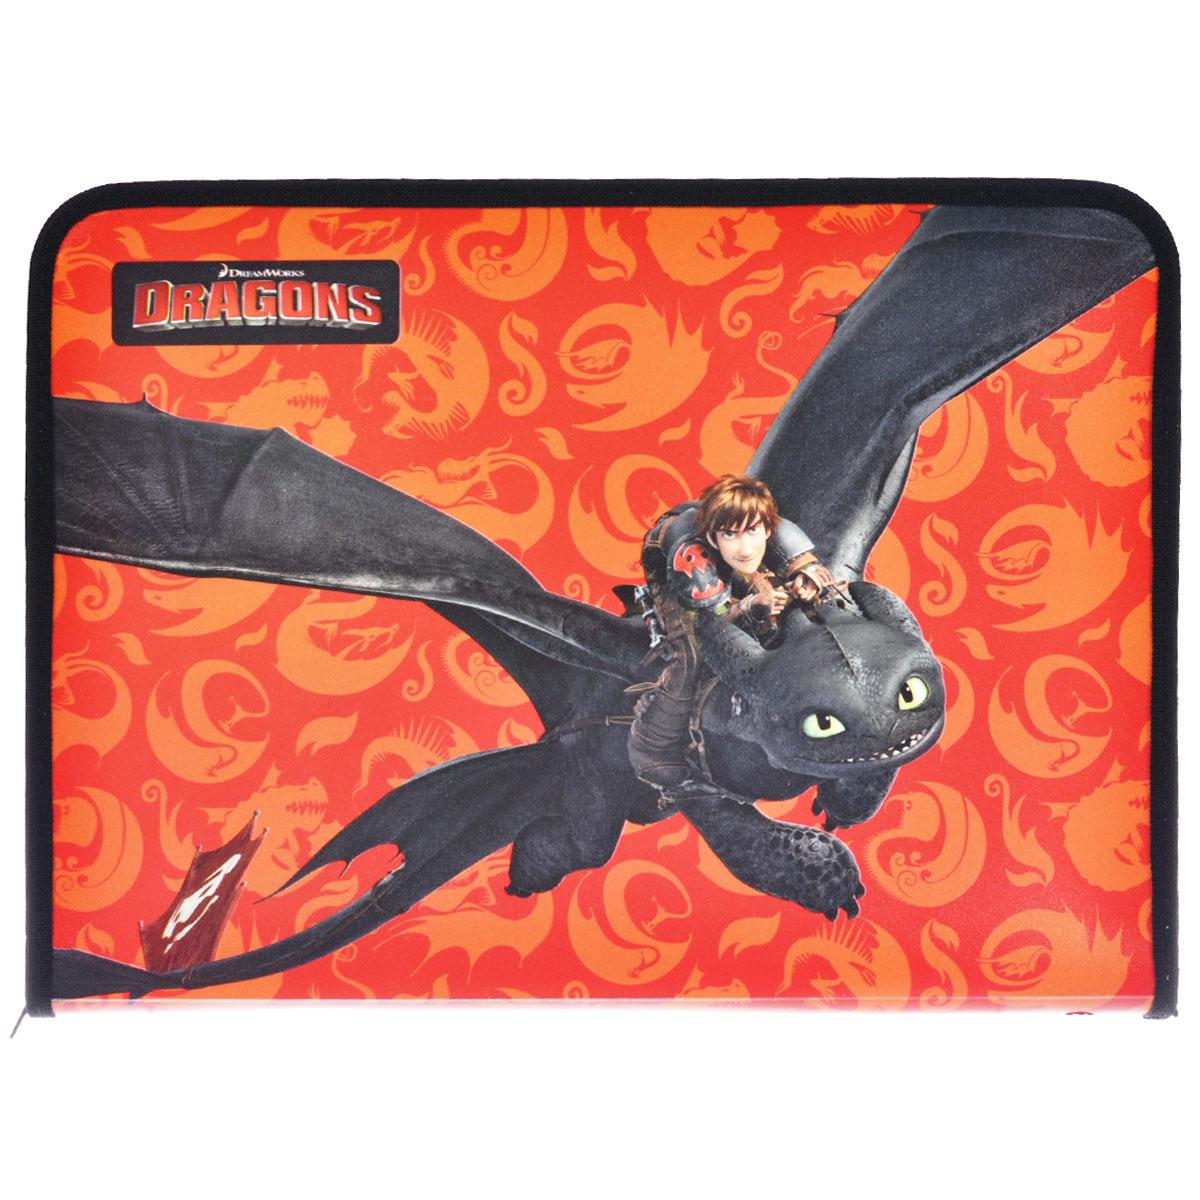 Папка для труда Action! Dragons, цвет: черный, оранжевыйDR-FZA4-LПапка для труда Action! Dragons предназначена для хранения тетрадей, рисунков и прочих бумаг, а также ручек, карандашей, ластиков и точилок. Папка оформлена изображением Иккинга и Беззубика - персонажей мультфильма Как приручить дракона. Внутри находится одно большое отделение с вкладышем, содержащим 11 фиксаторов для школьных принадлежностей. Закрывается папка на застежку-молнию. Яркая и удобная, такая папка непременно понравится вашему ребенку.